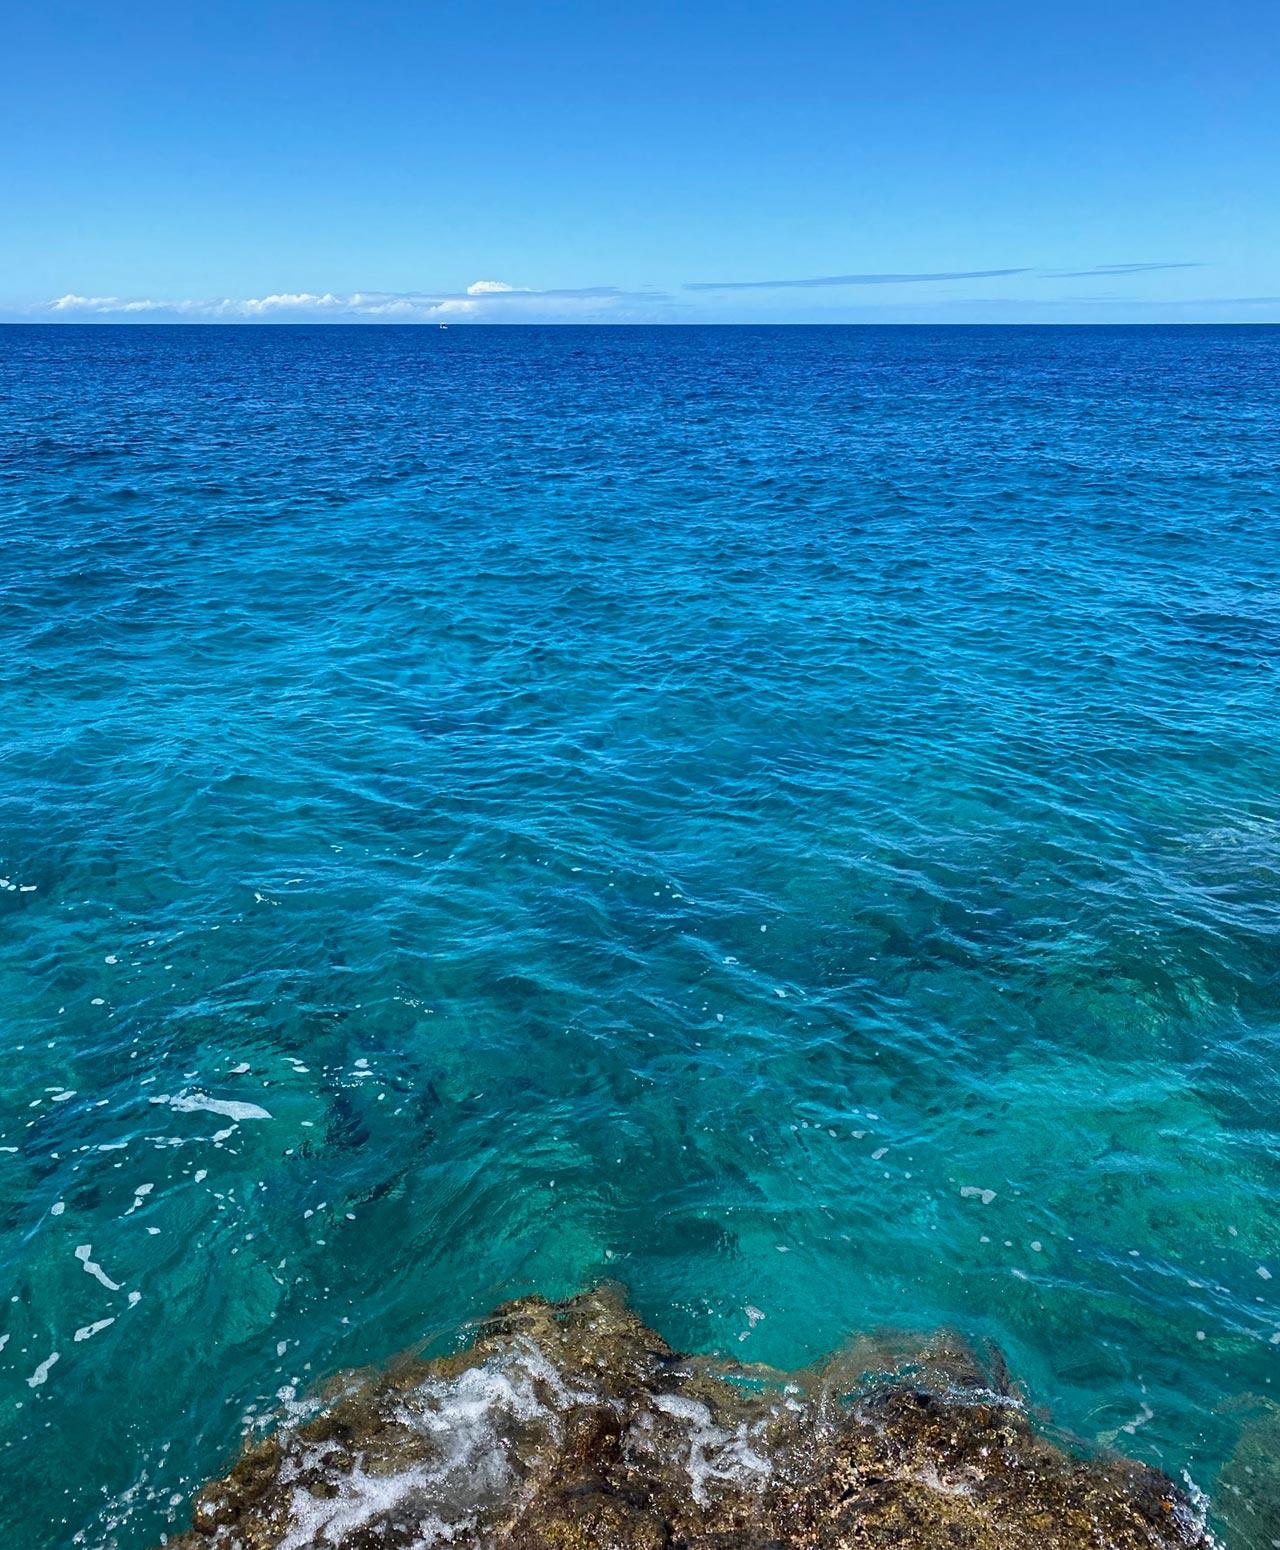 ハワイ島西の火山は恥ずかしがり屋さん山と海との物語